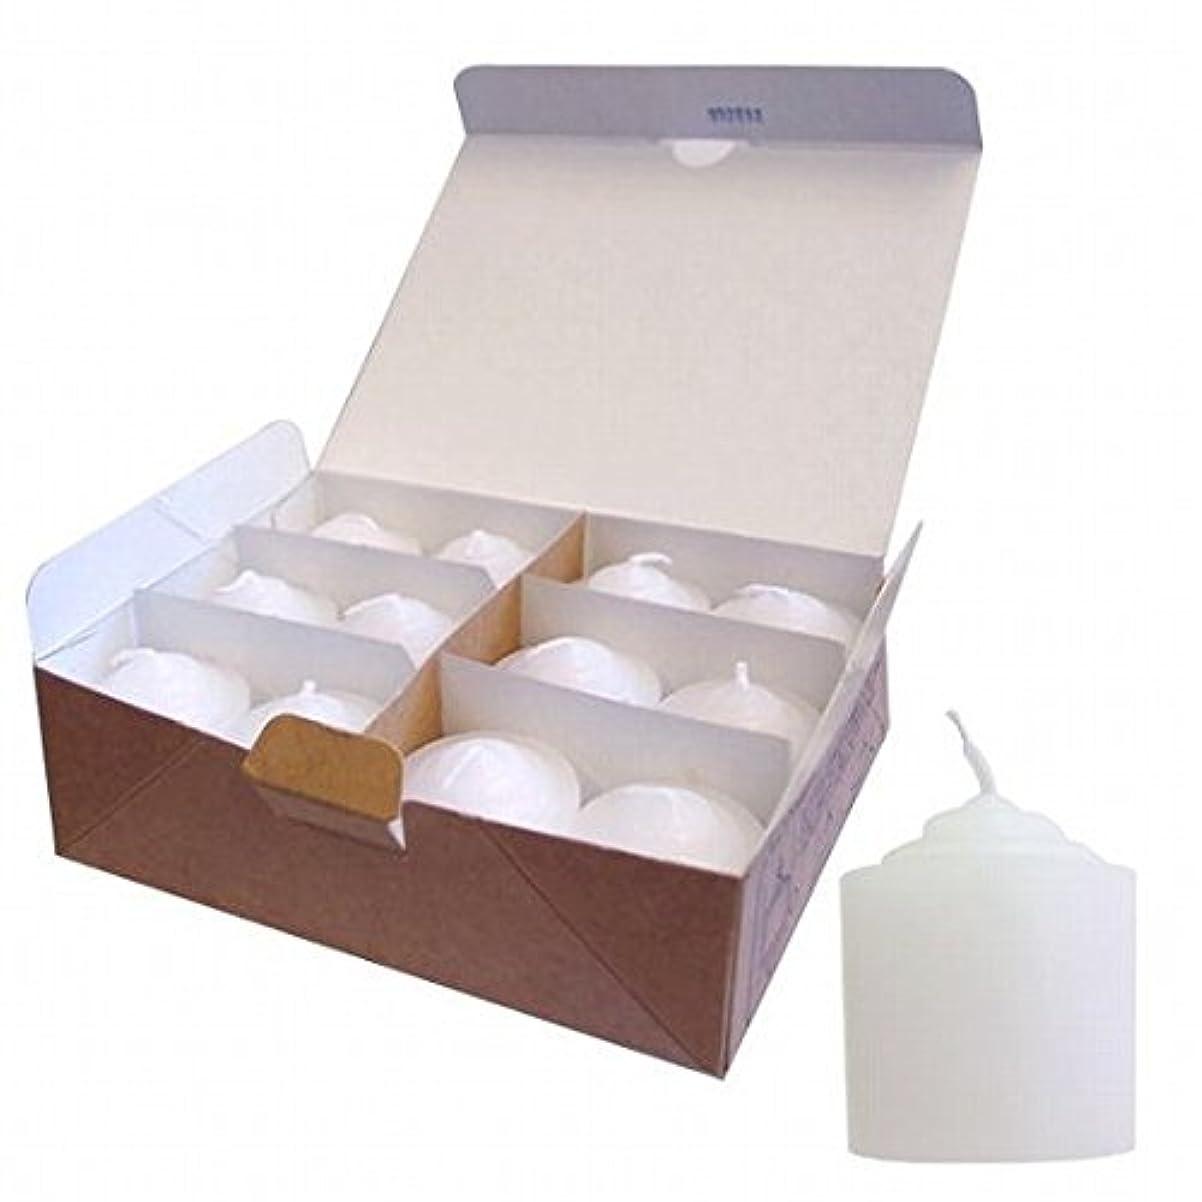 怠な論文サンダースkameyama candle(カメヤマキャンドル) 8Hライト(8時間タイプ)12個入り(77960088)